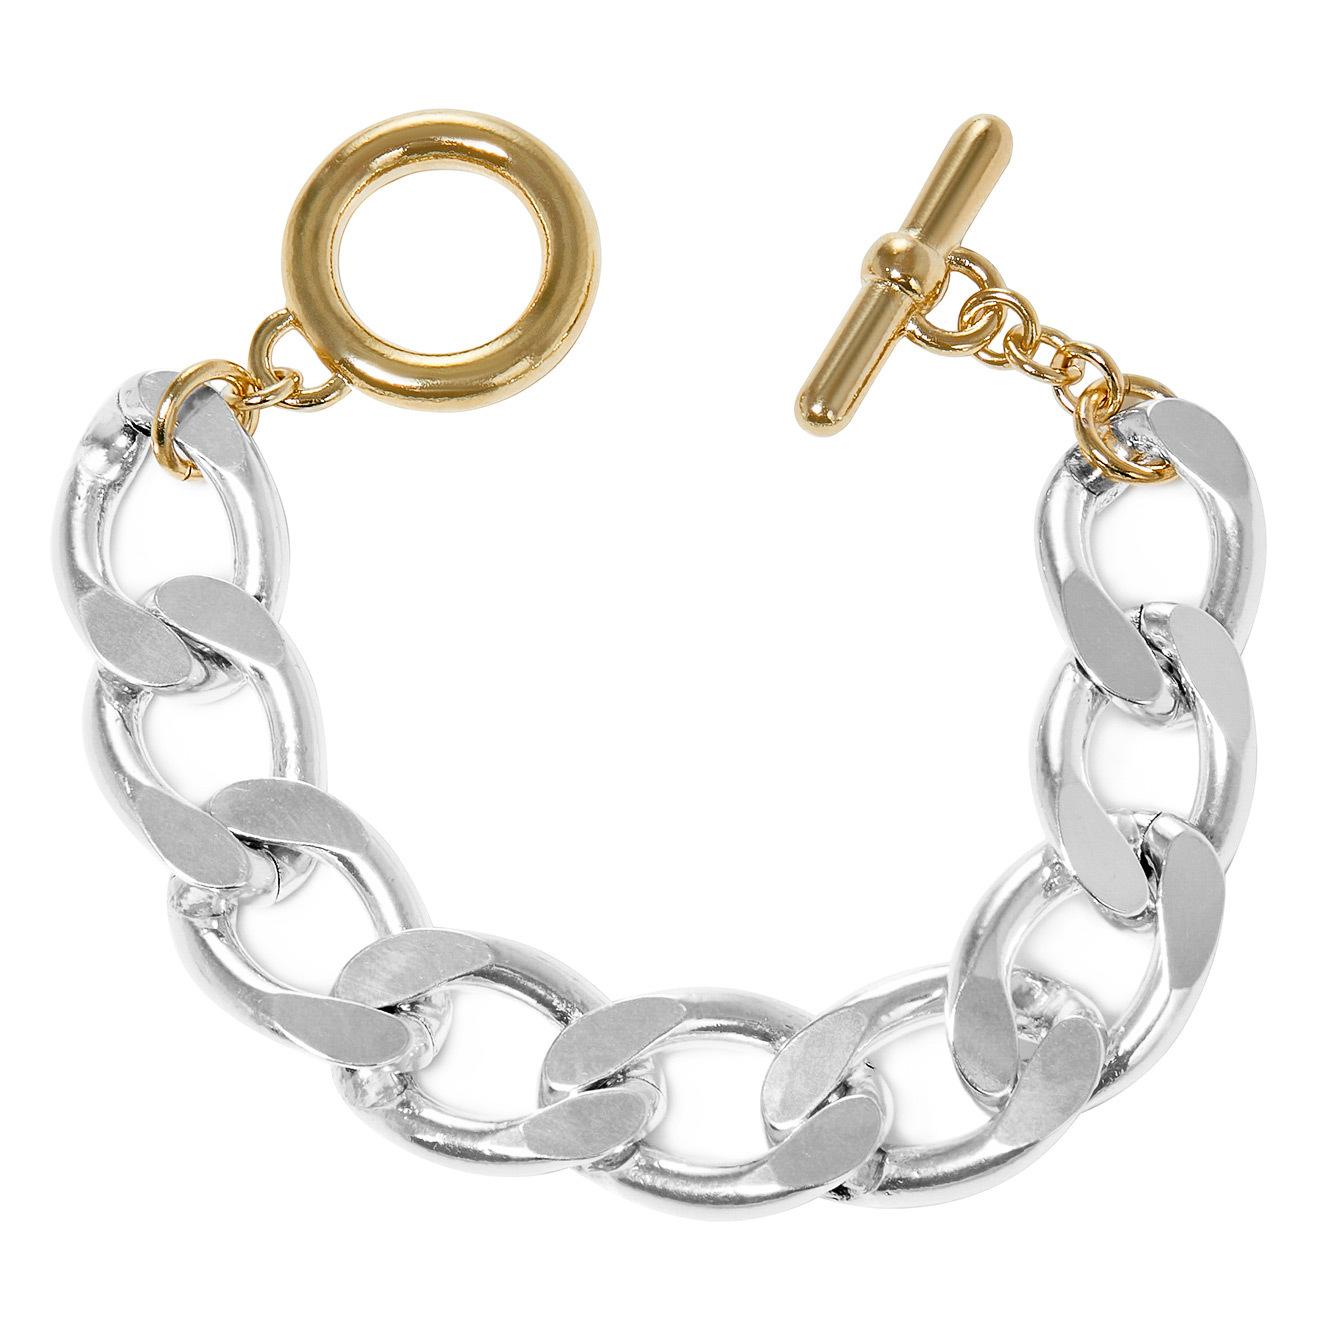 Philippe Audibert Биколорный браслет-цепь Asbury philippe audibert биколорный браслет ginger